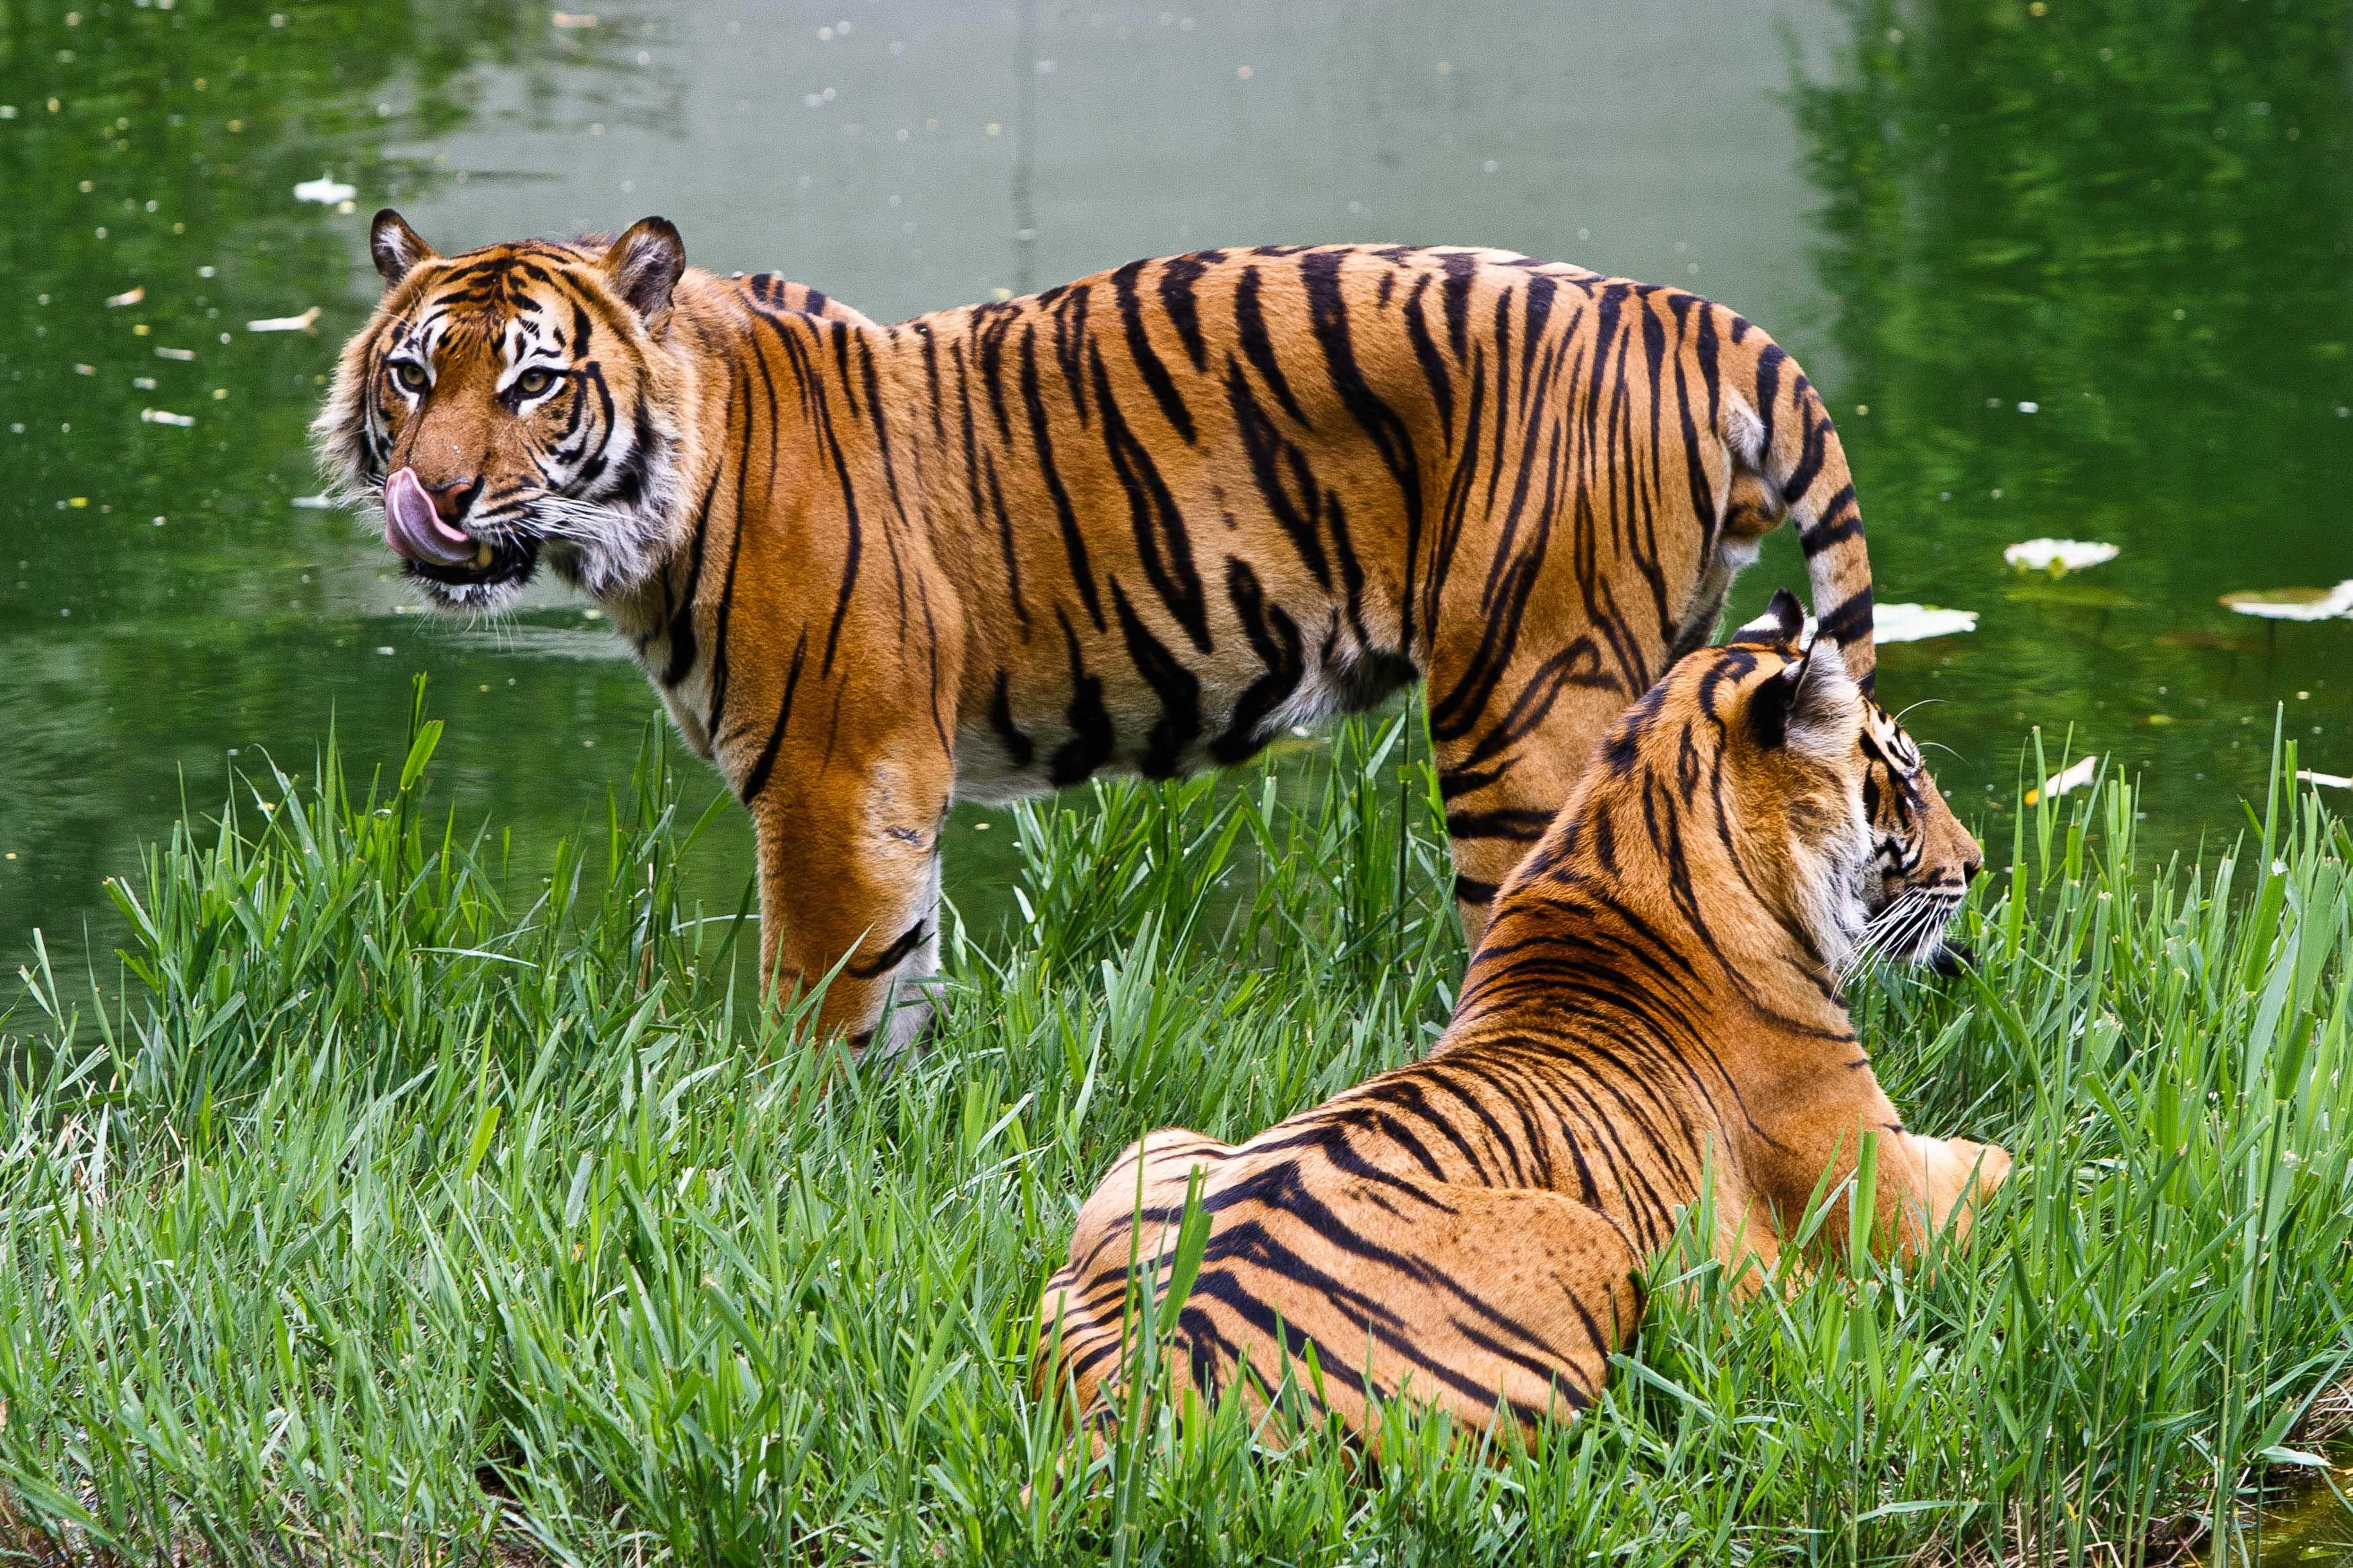 KW_16c_Tigerin_Dumai_wird_20_Jahre_17.04.2020_Bild_2_Archivfoto_Harald_Löffler_-_Eye_of_the_Tiger.jpg